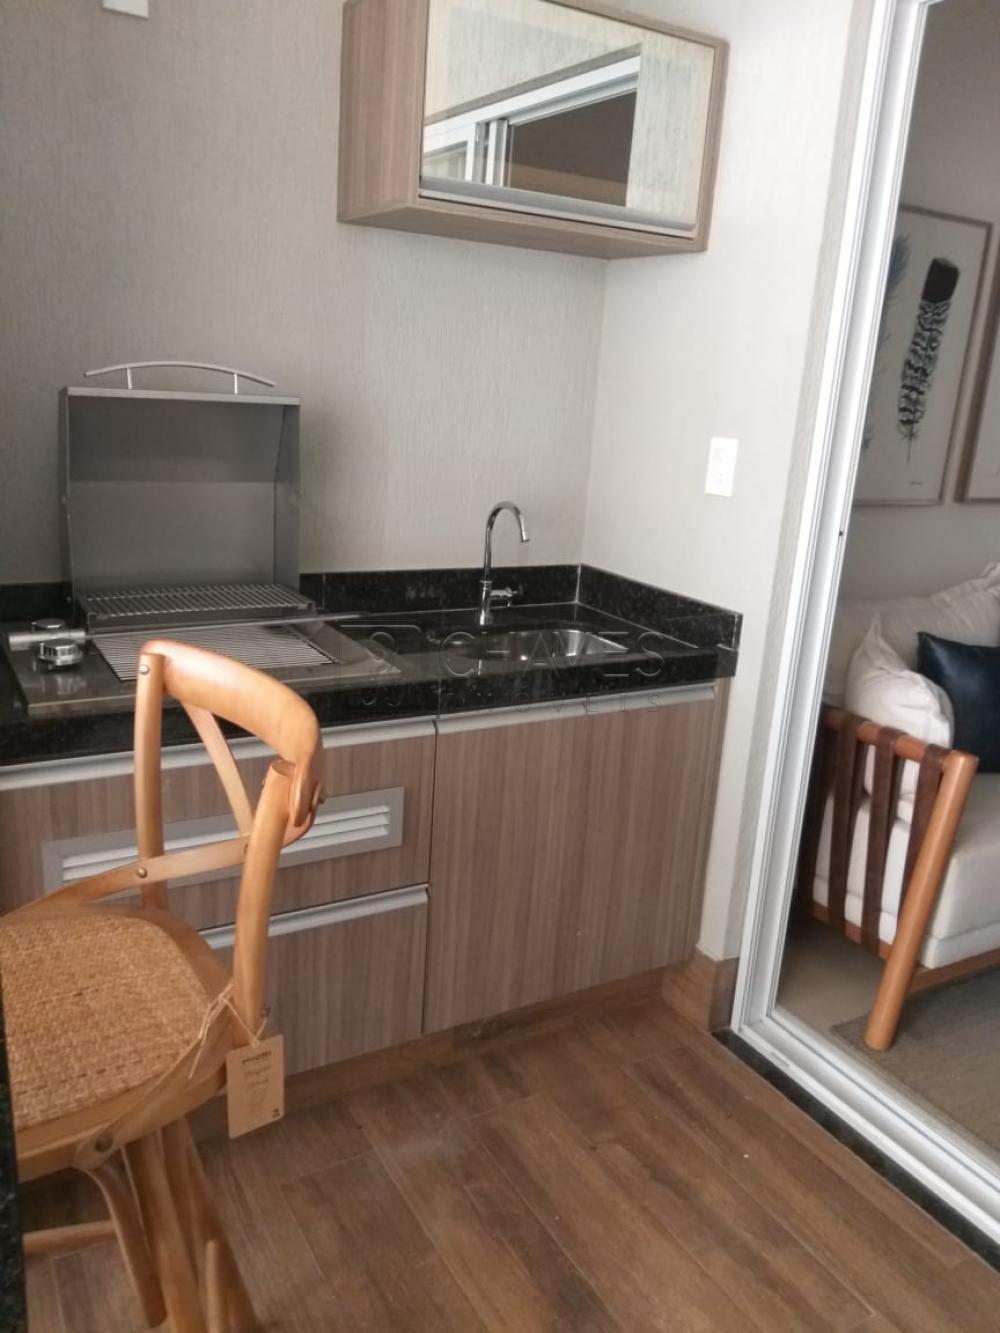 Comprar Apartamento / Padrão em Ribeirão Preto apenas R$ 586.450,00 - Foto 23